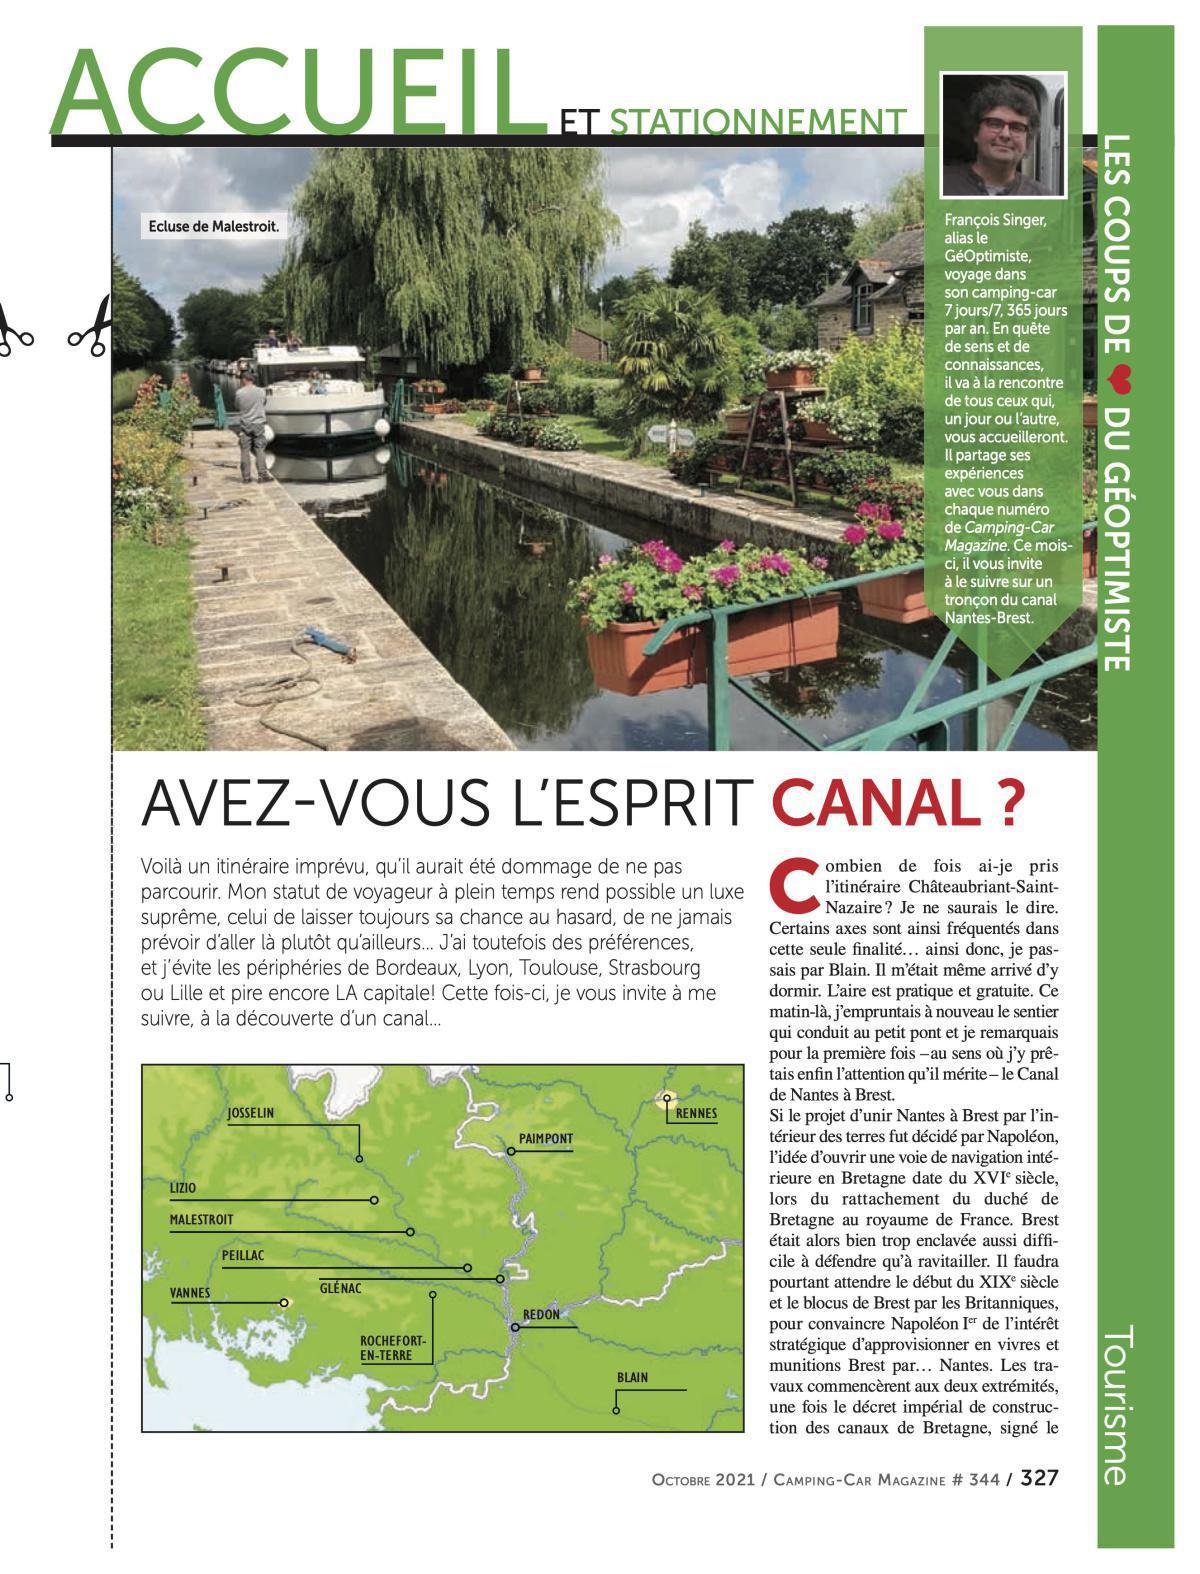 Canal de Nantes à Brest - CCM 344